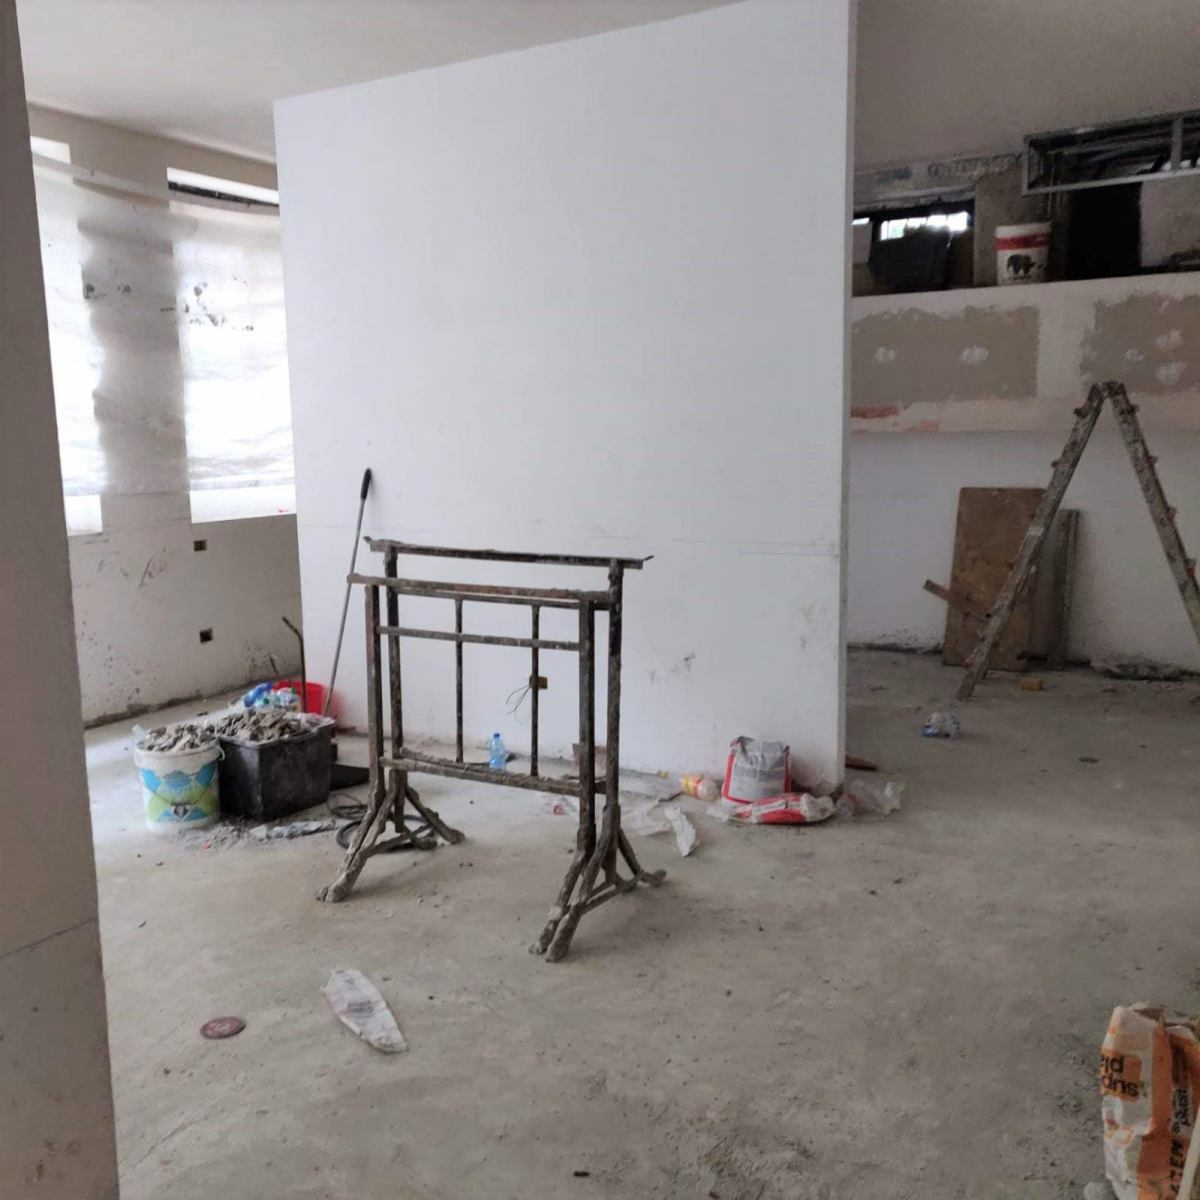 appartamenti-c3-in-vendita-via-chinotto-san-siro-milano-spaziourbano-immobiliare-vende-3-locali-2-locali-appartamenti-1